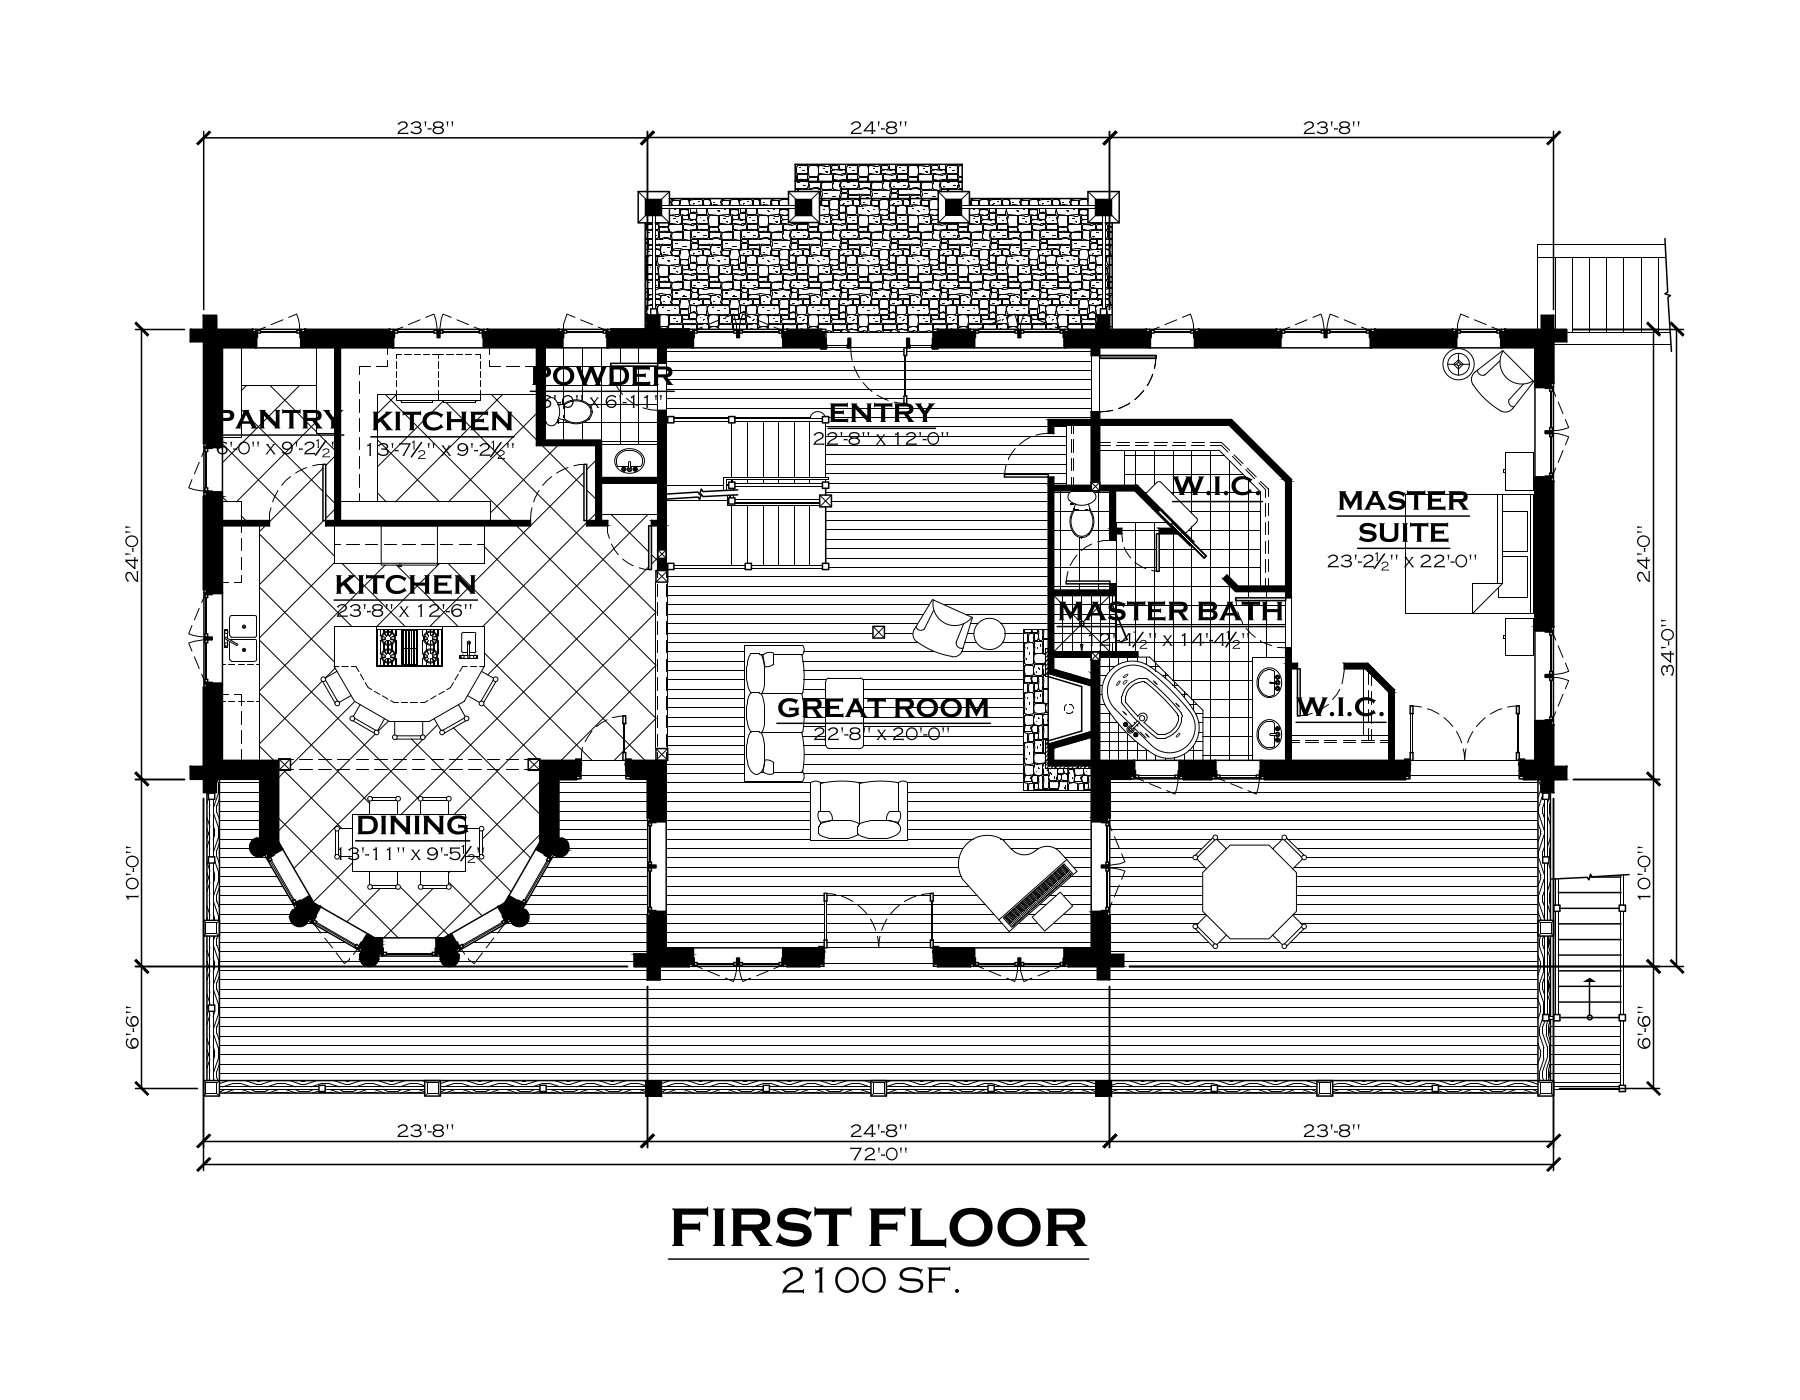 EverLog Systems the Clark Fork Main Floor Plan